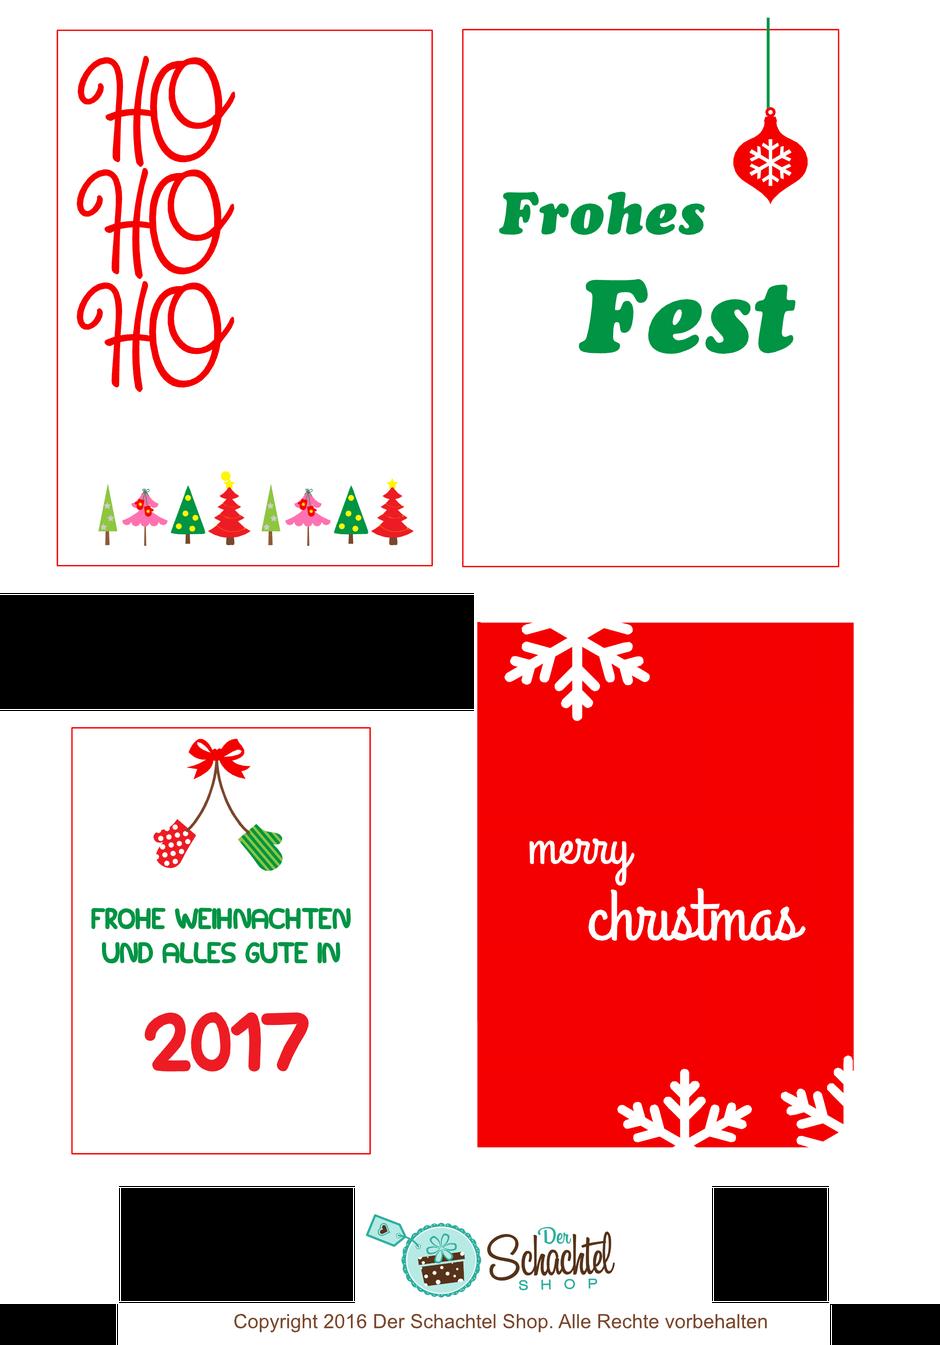 Persönliche Weihnachtsetiketten